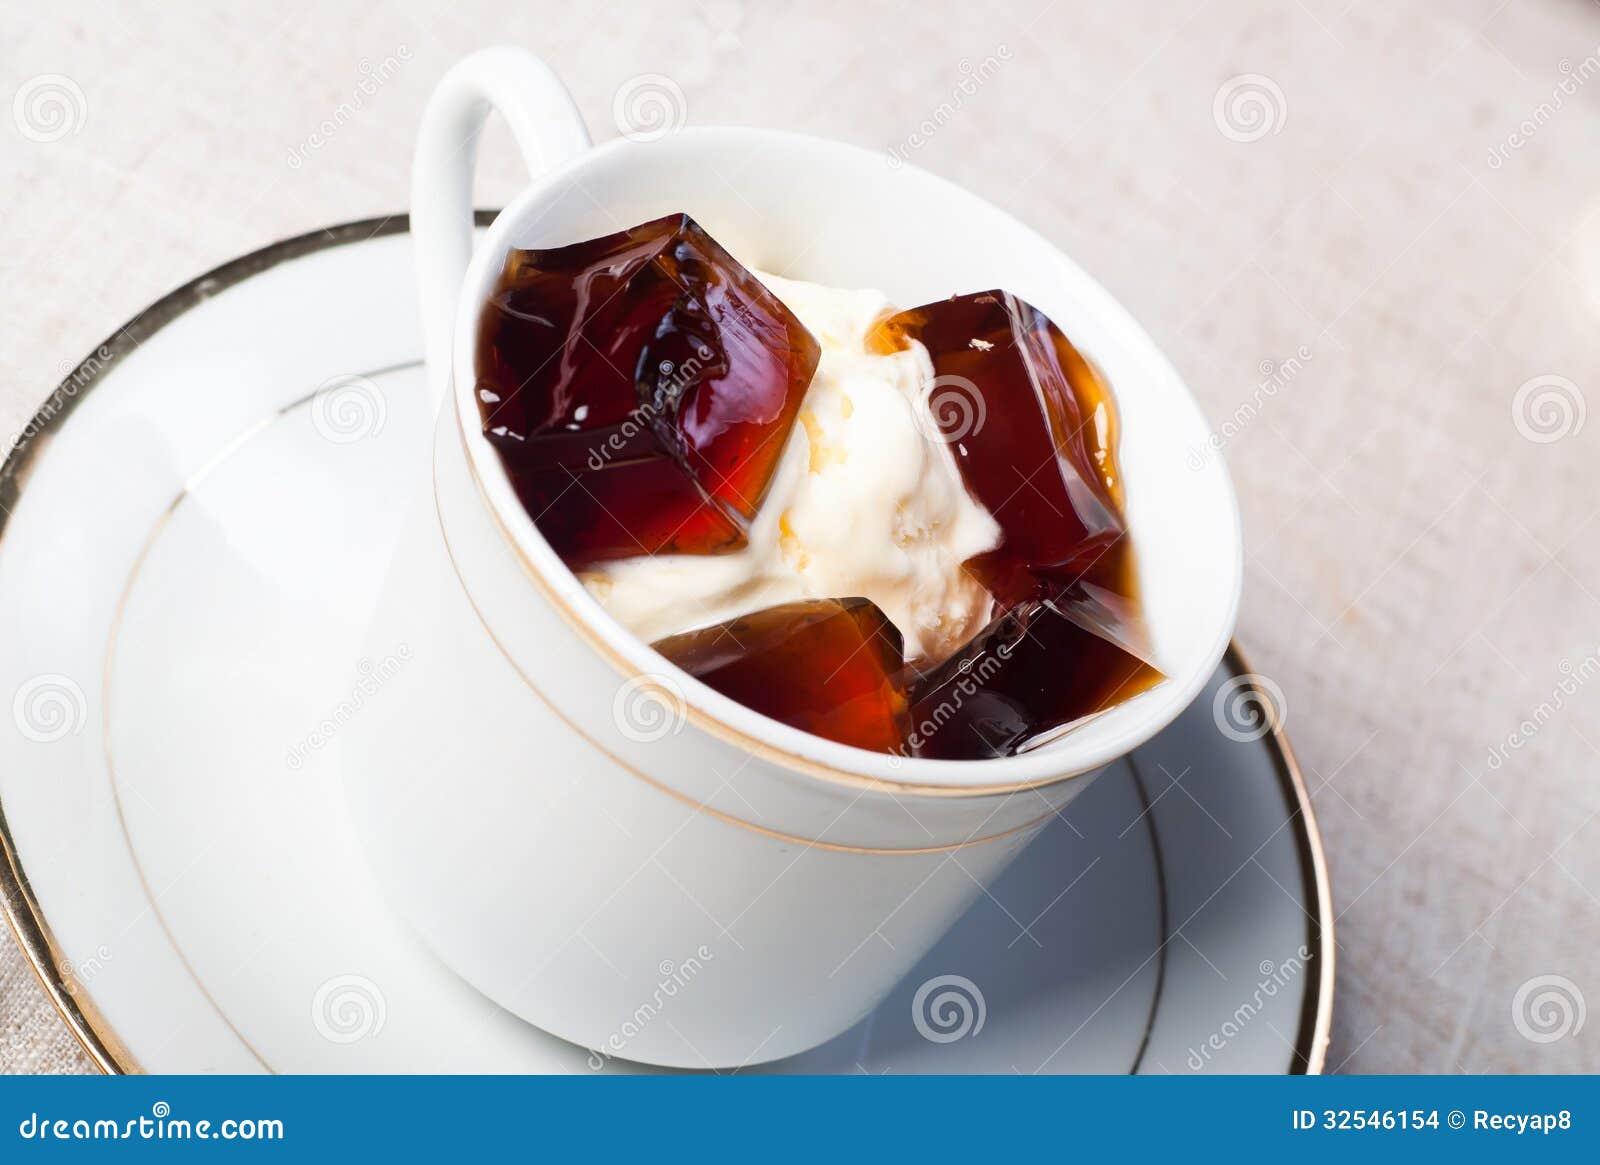 Vanilla ice cream with coffee jelly